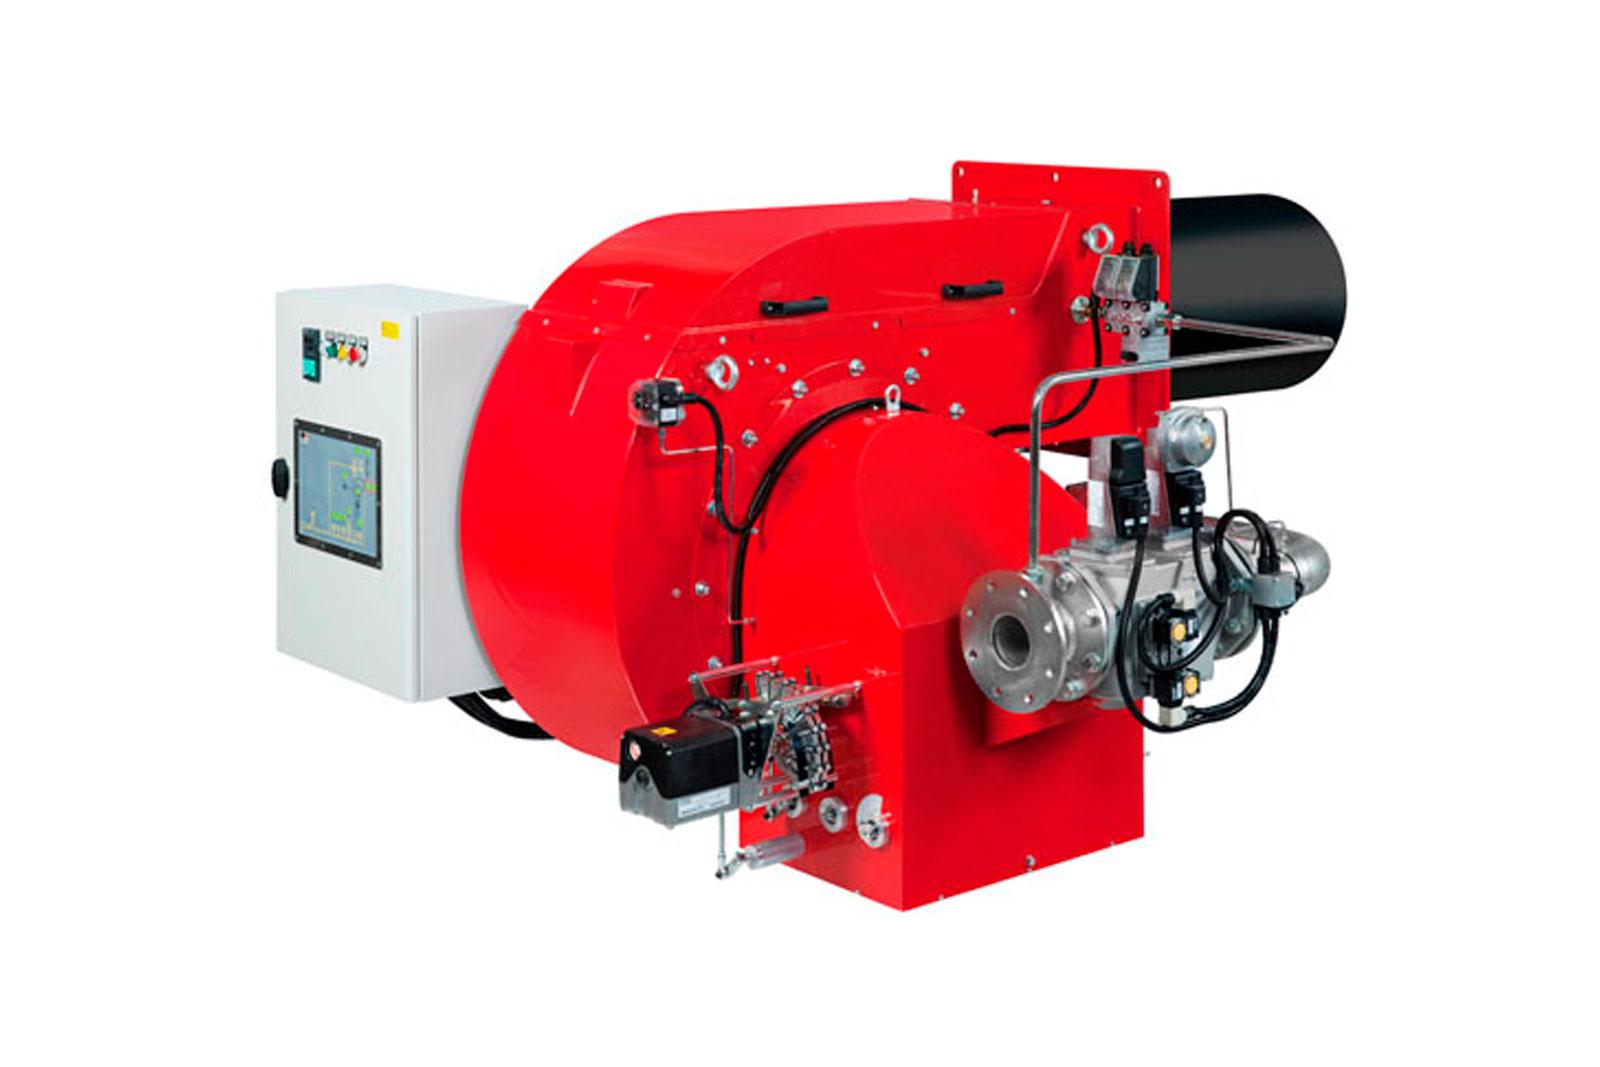 quemador-cremax-gas-2-llamas-progresivos-y-modulantes-1392kw-a-14437kw-2-flamax-eficiencia-energetica-ppal